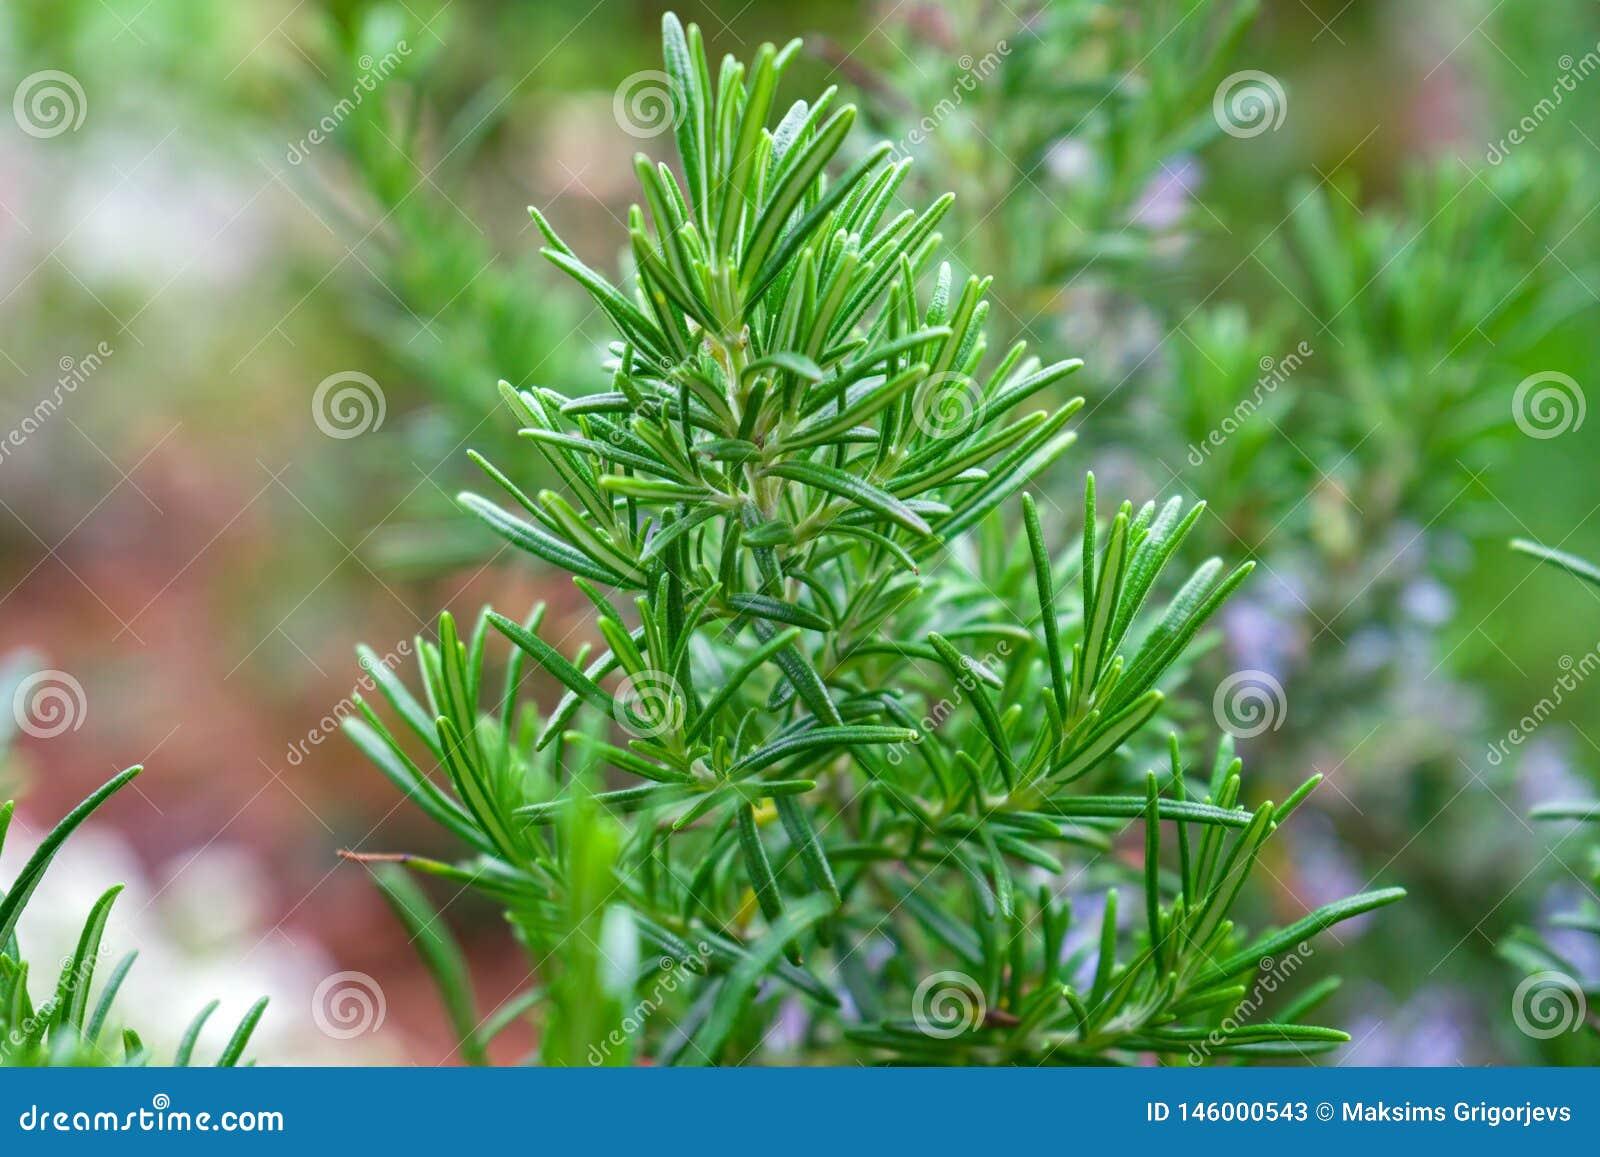 Rosemary Herb fresca arbusto que crece en jardín